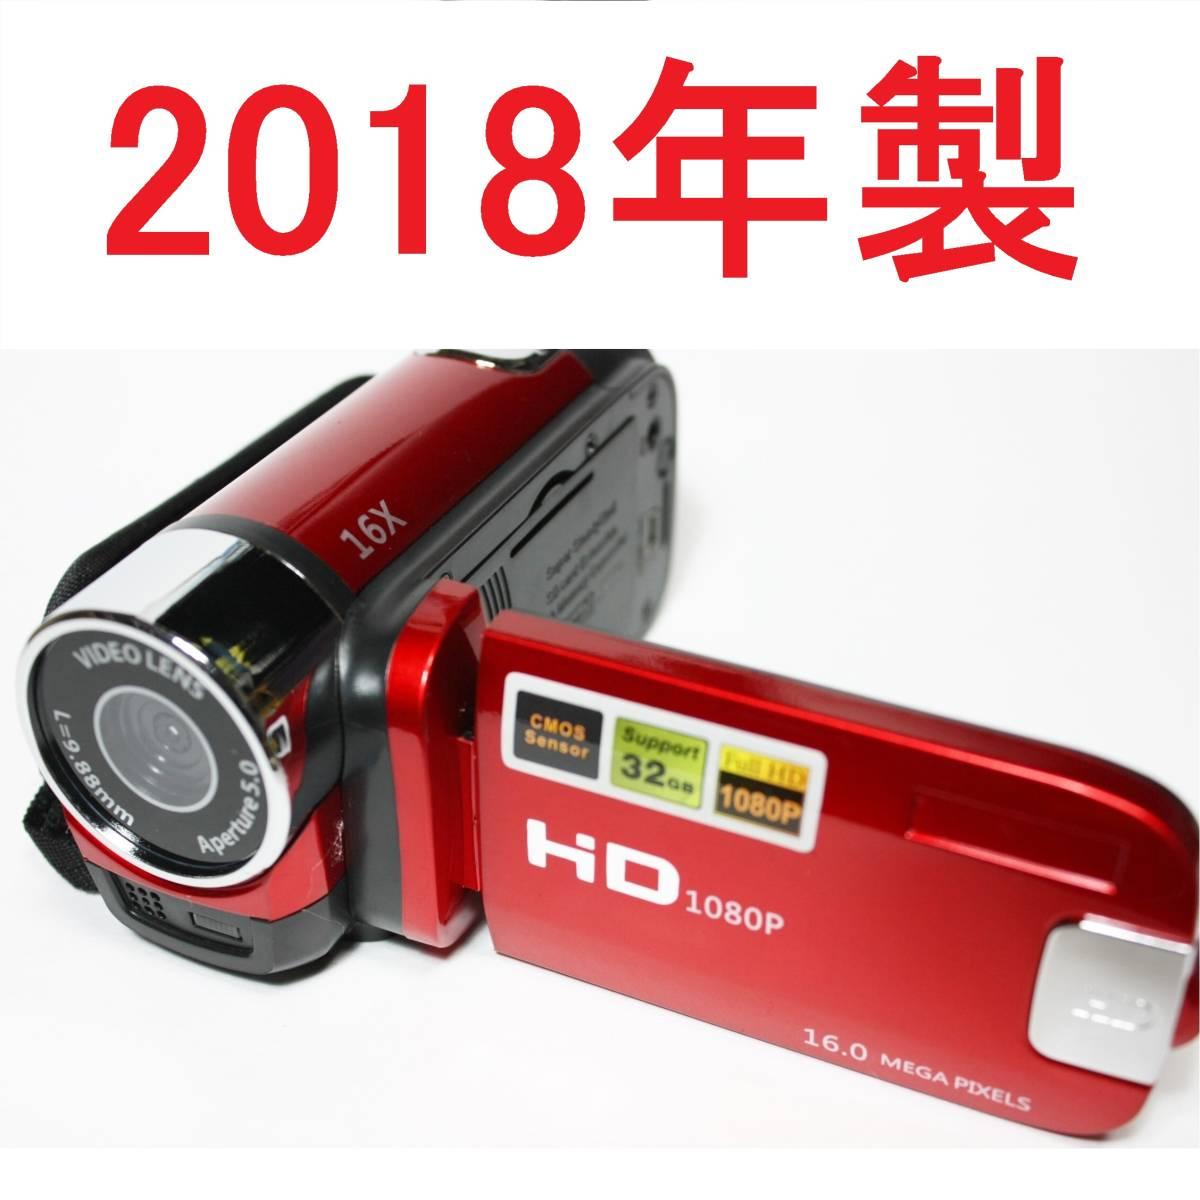 1円 新品 日本語 デジタルビデオカメラ 1080P LCD 2018年製 パナソニック JVC ソニー SDカード パソコン おすすめ 新製品 スポーツ